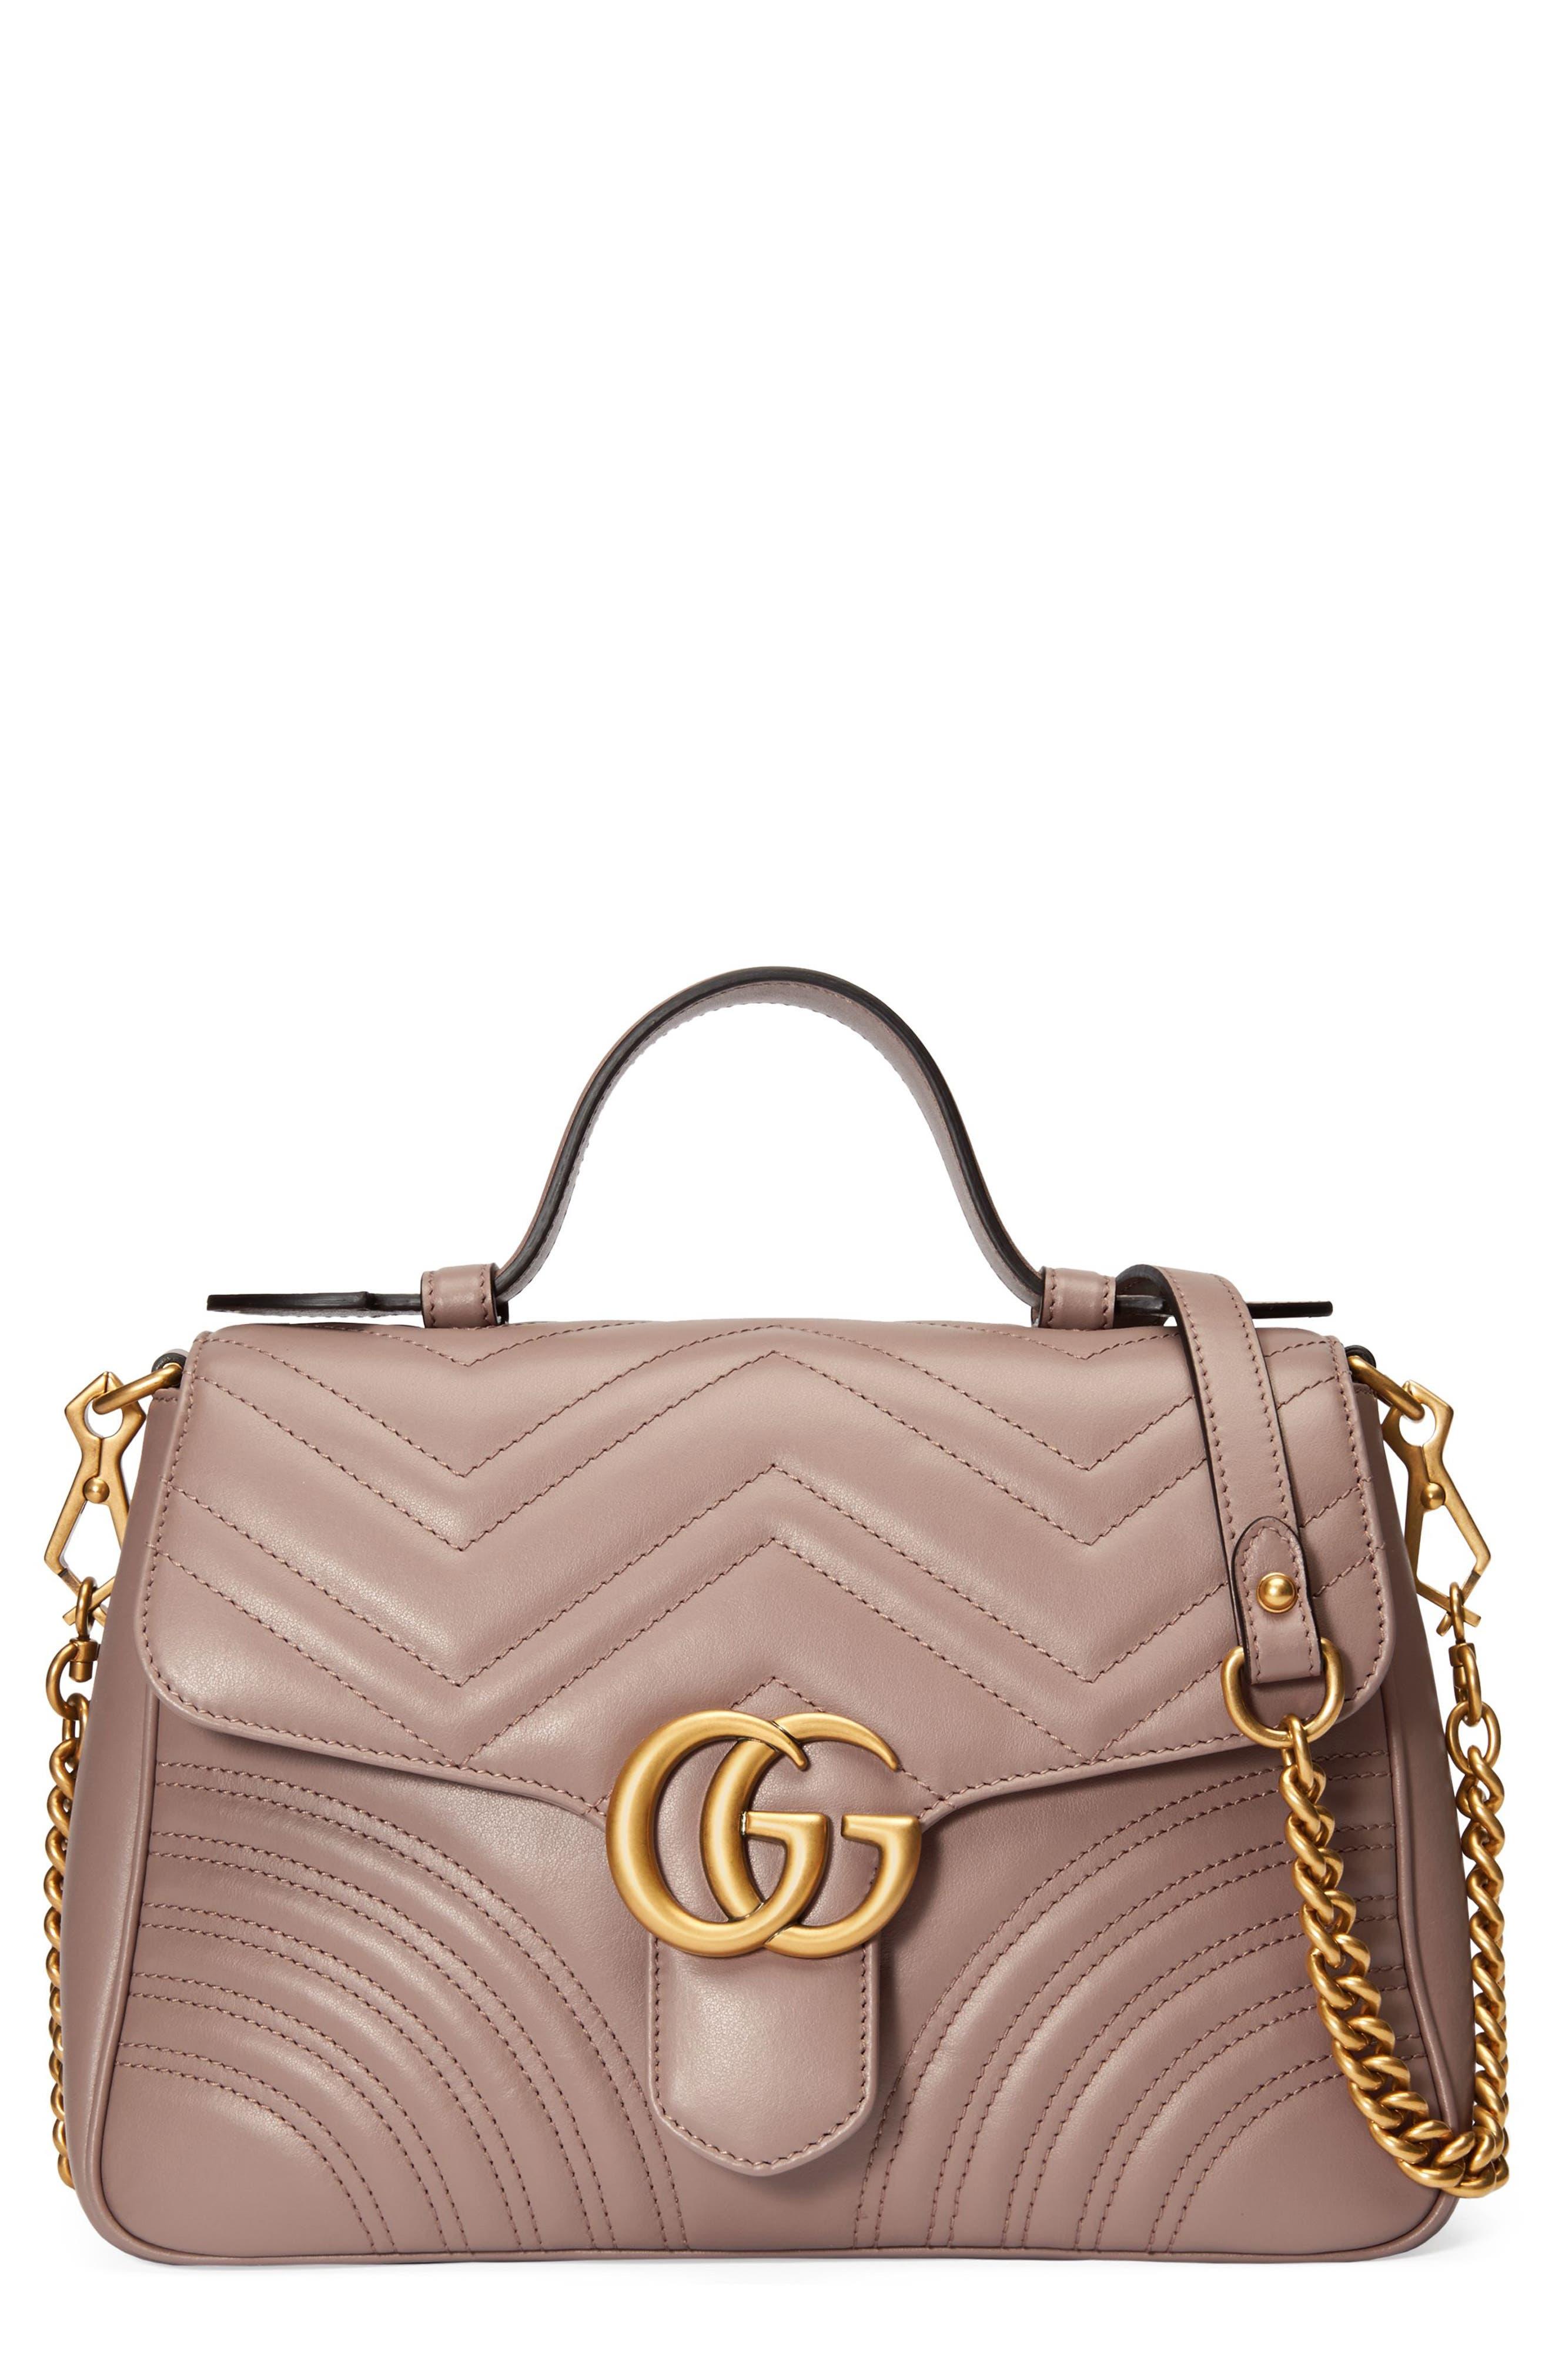 Small GG Marmont 2.0 Matelassé Leather Top Handle Bag,                             Main thumbnail 1, color,                             Porcelain Rose